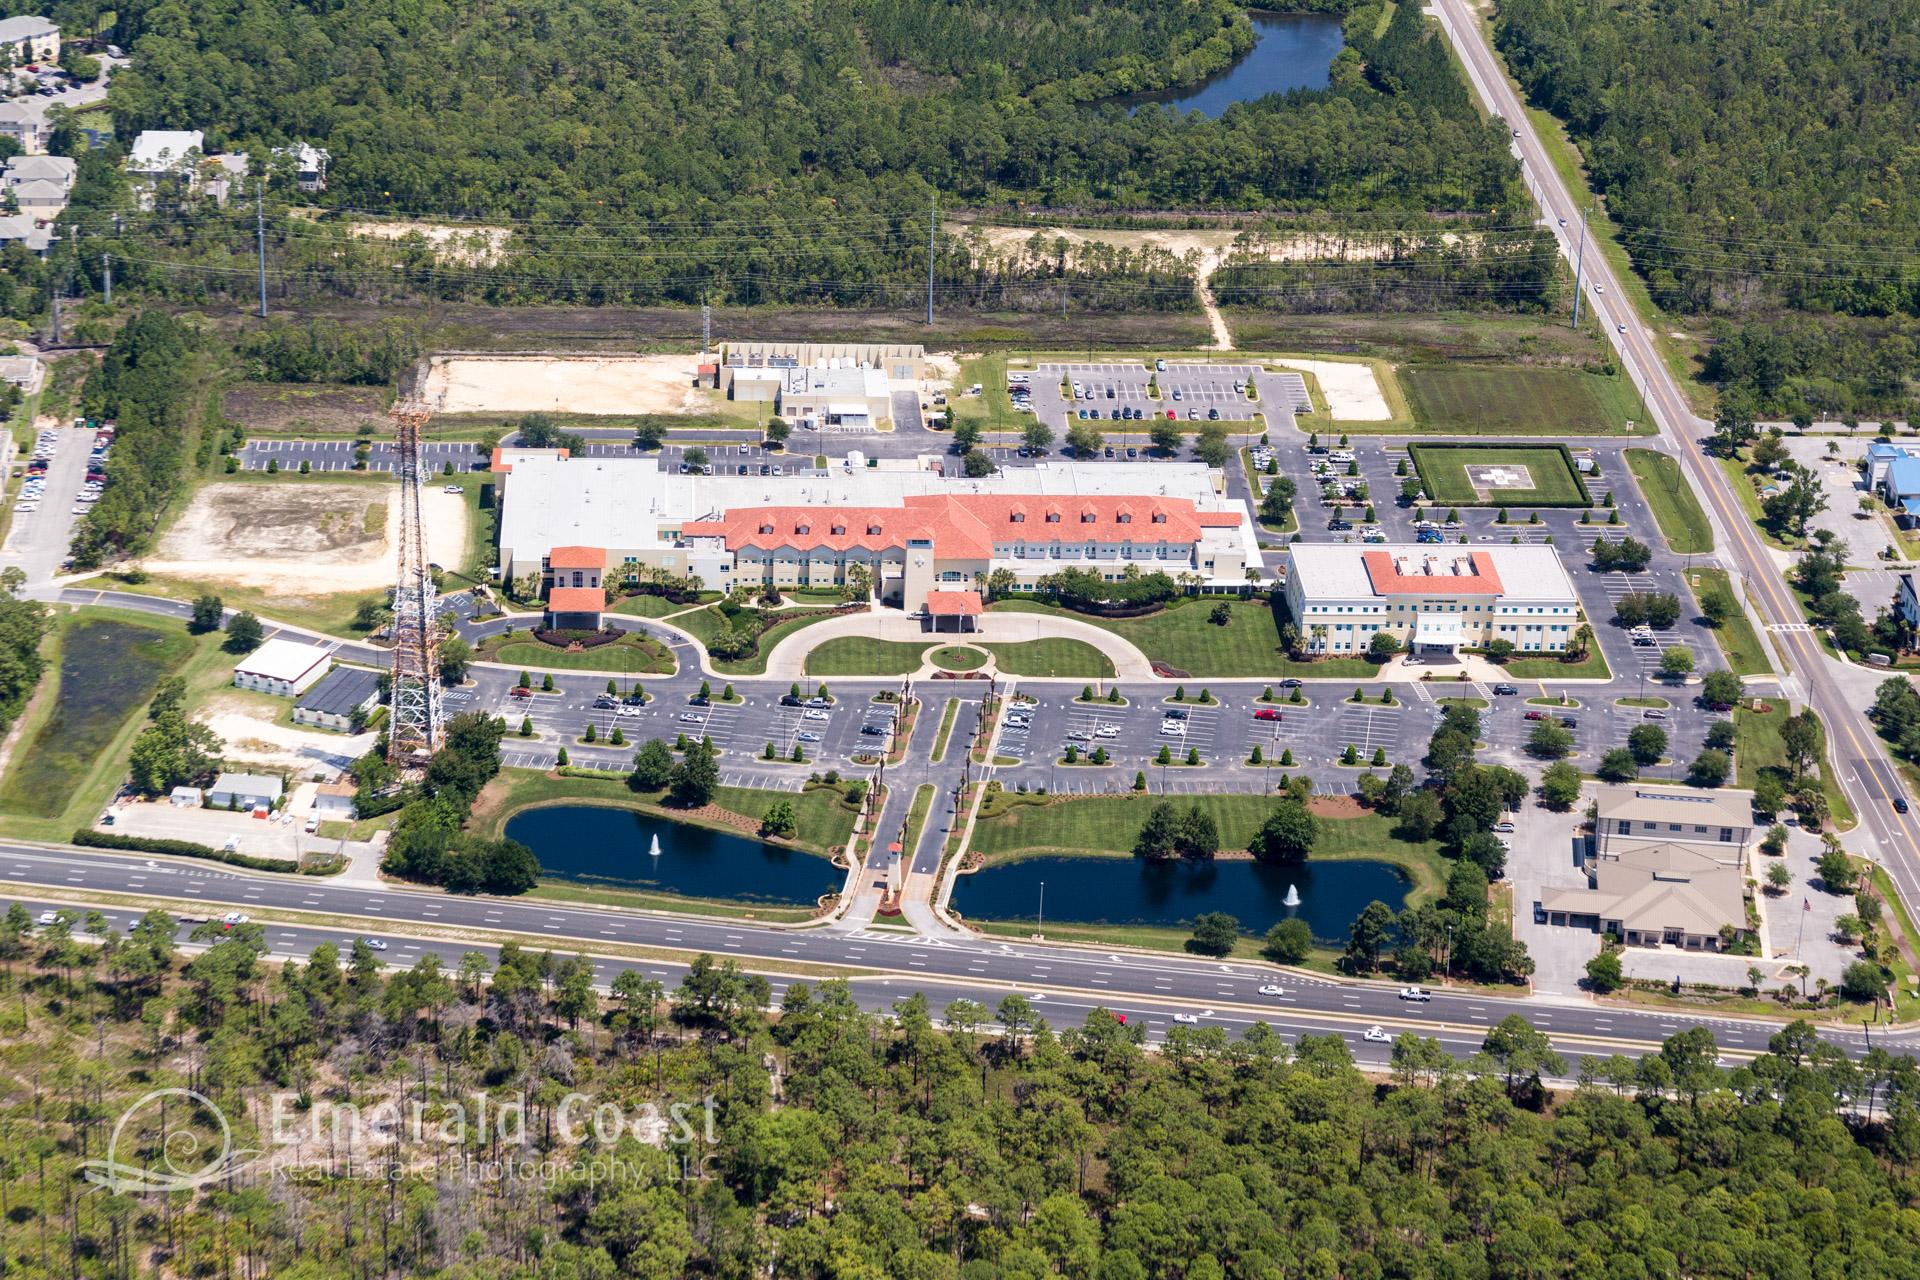 Sacred Heart Hospital, Aerial Photograph, Santa Rosa Beach, Florida